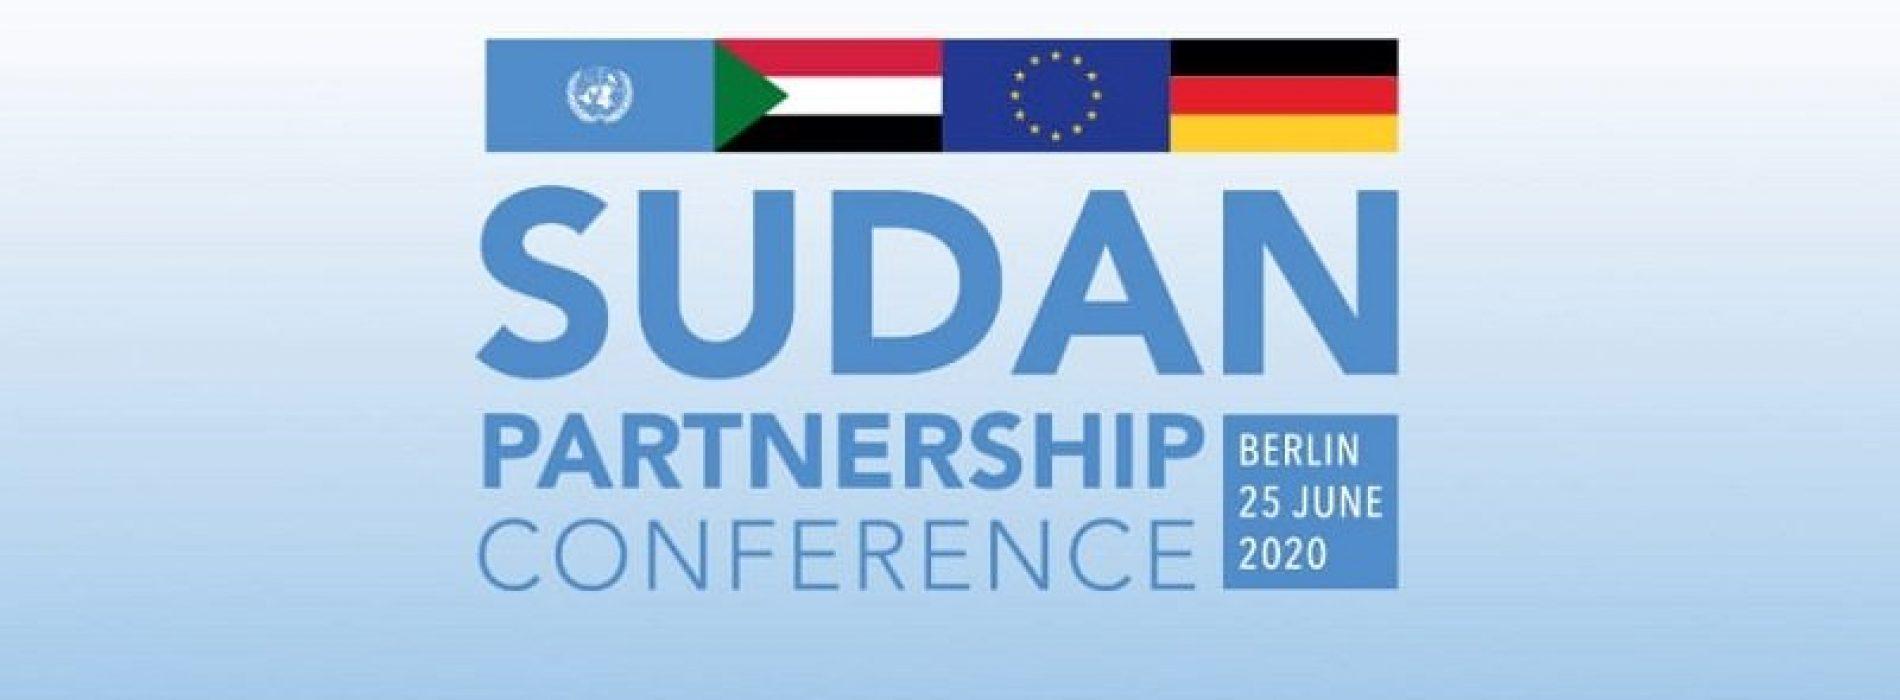 Conferenza di partenariato per il Sudan, Un punto di svolta per il paese